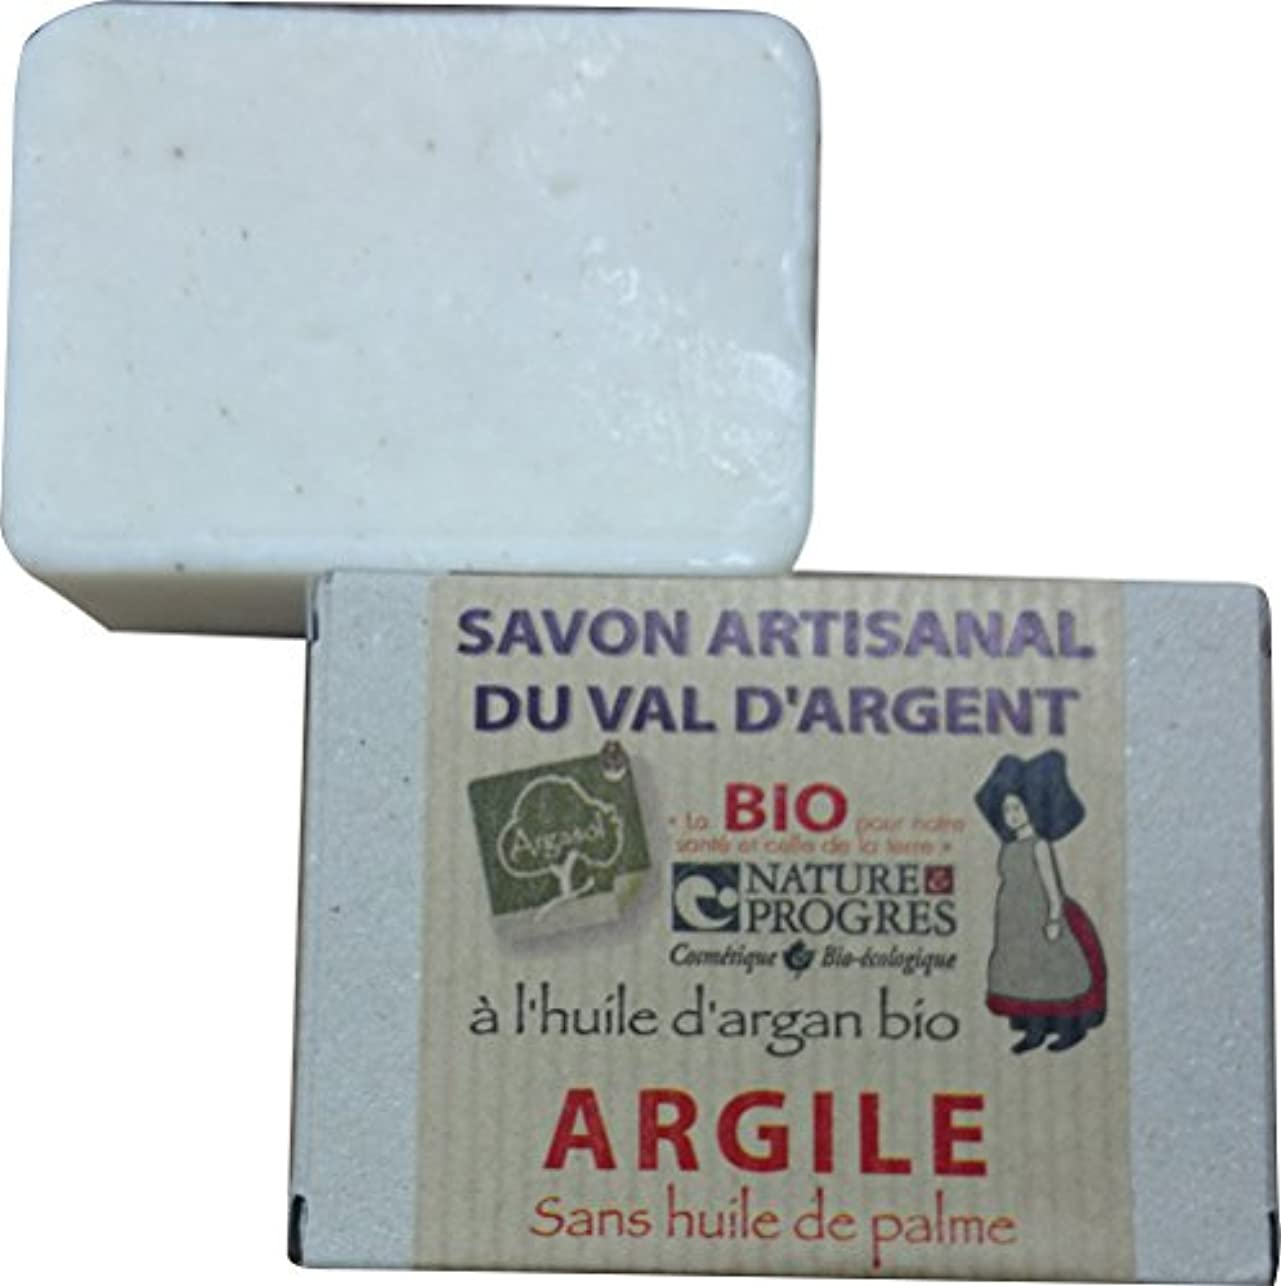 昇る公使館お酢サボン アルガソル(SAVON ARGASOL) クレイ